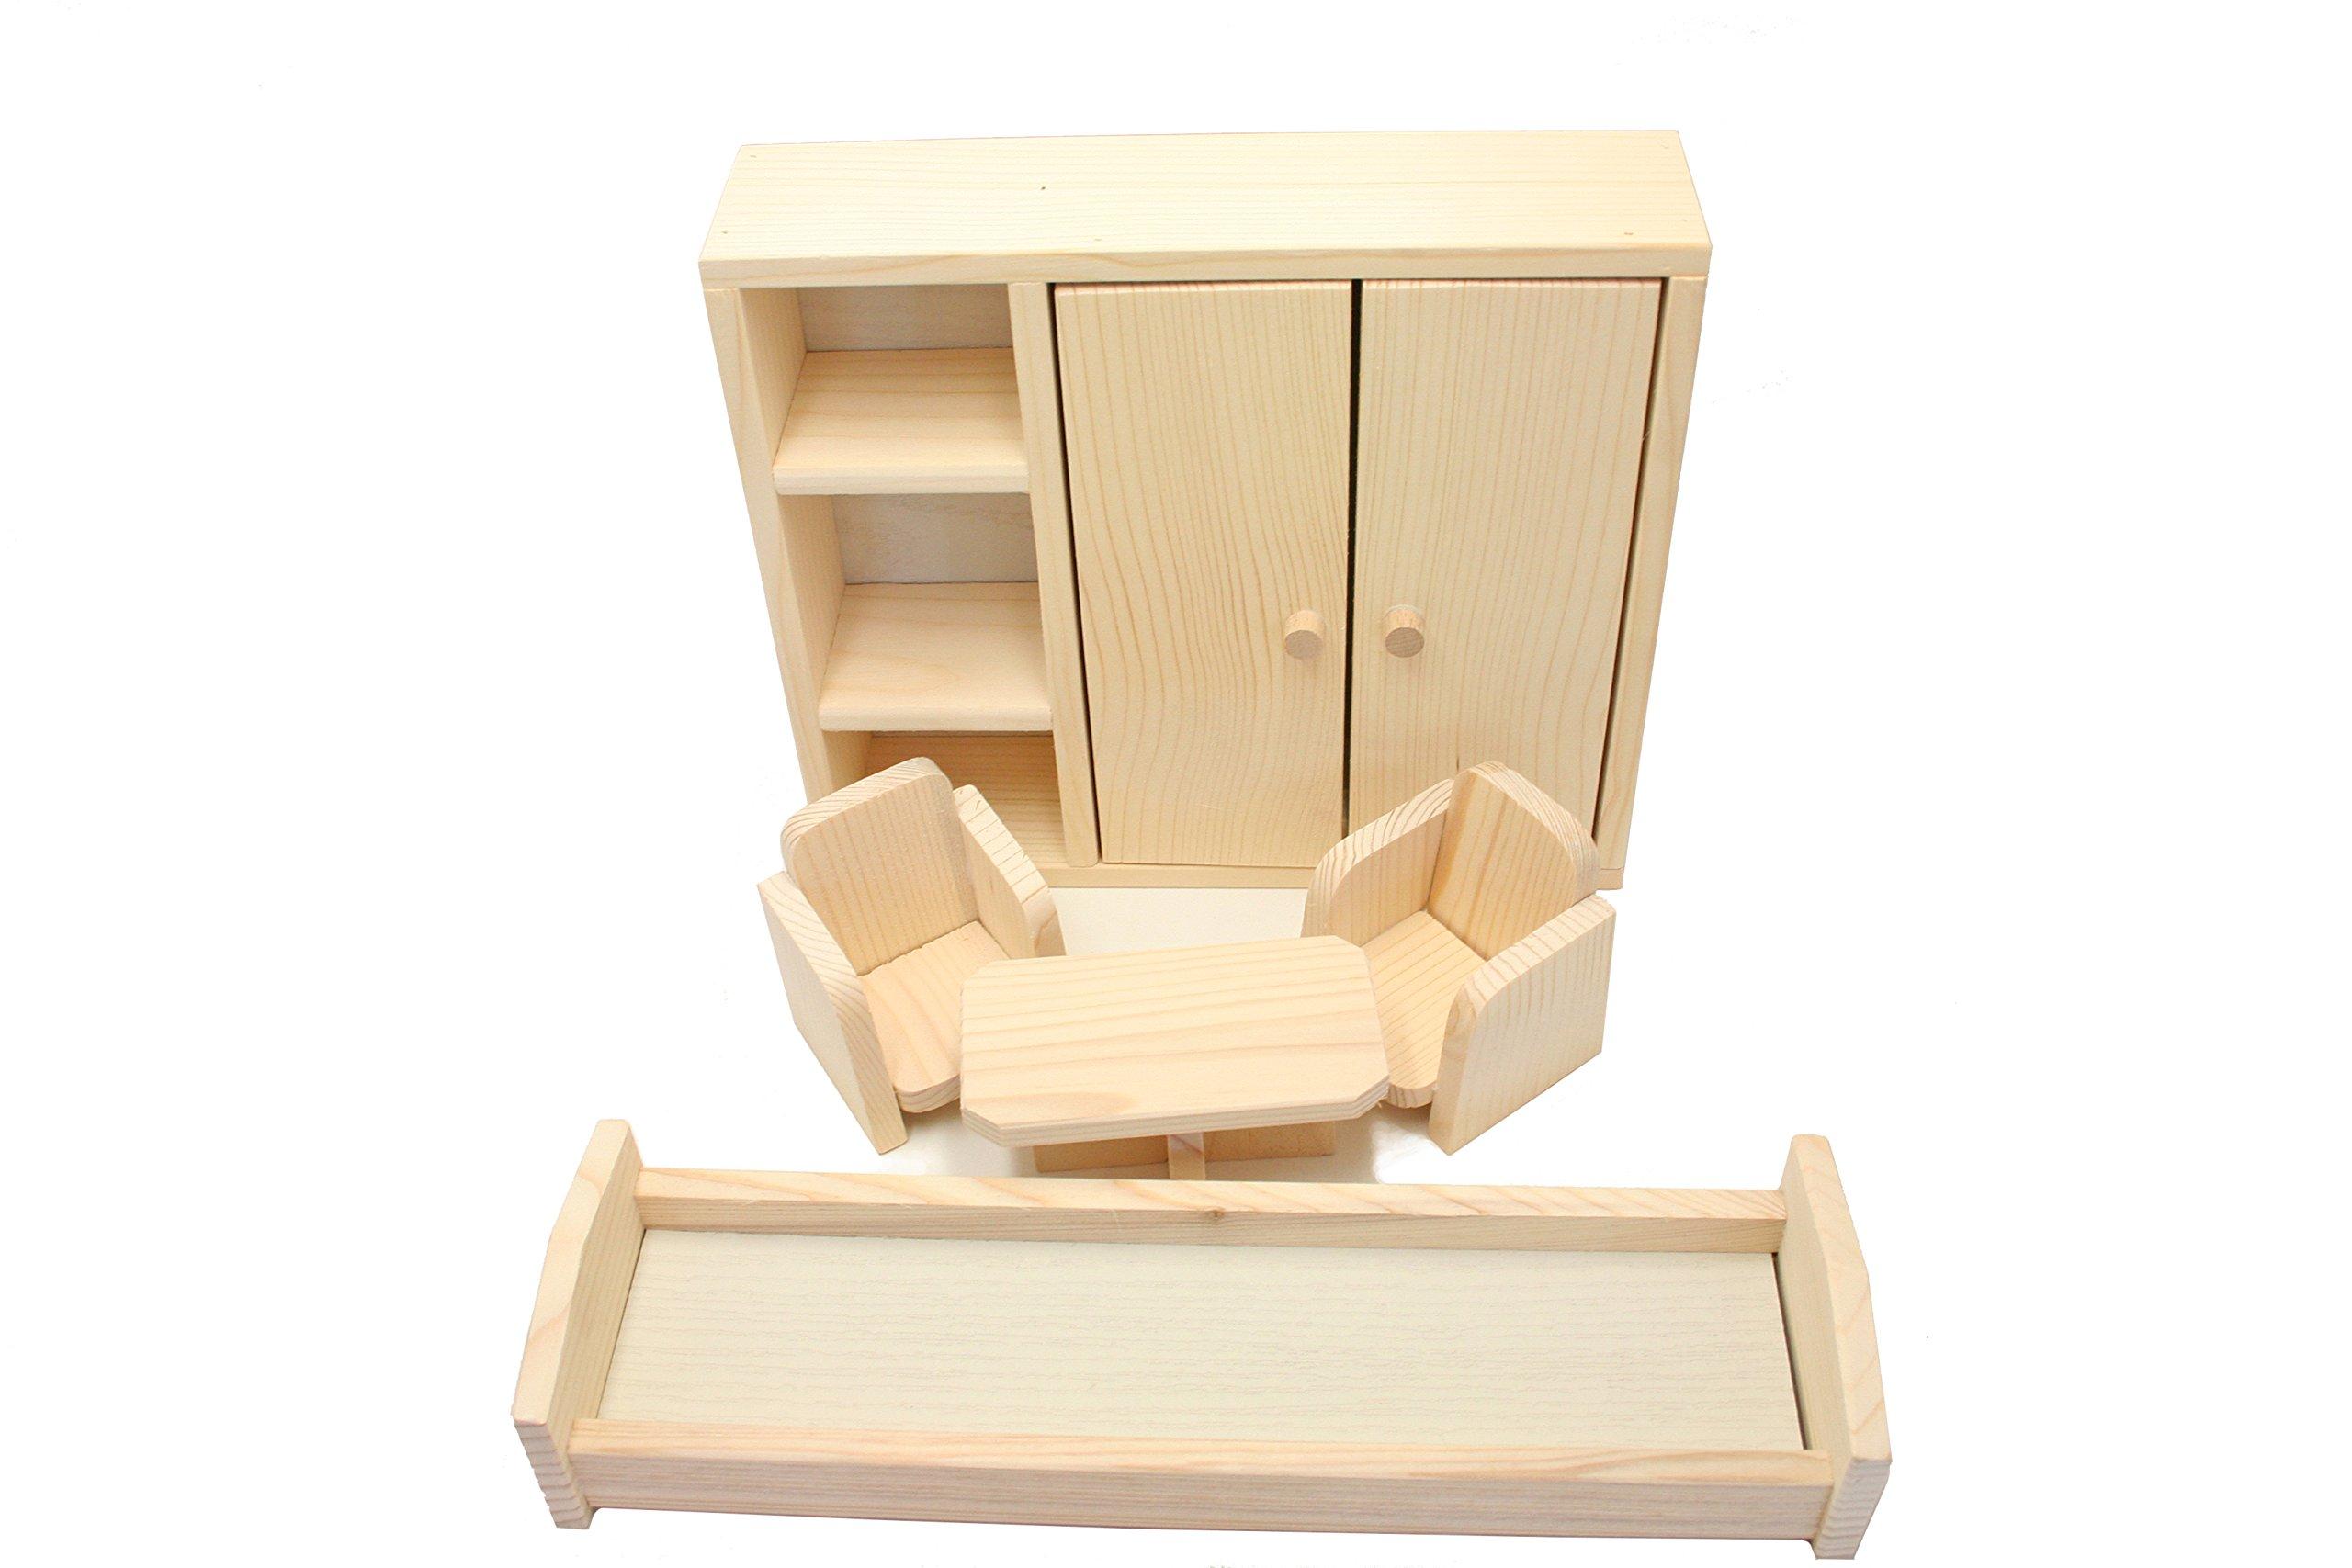 Camera da letto giocattolo in legno di pino per bambole e ...